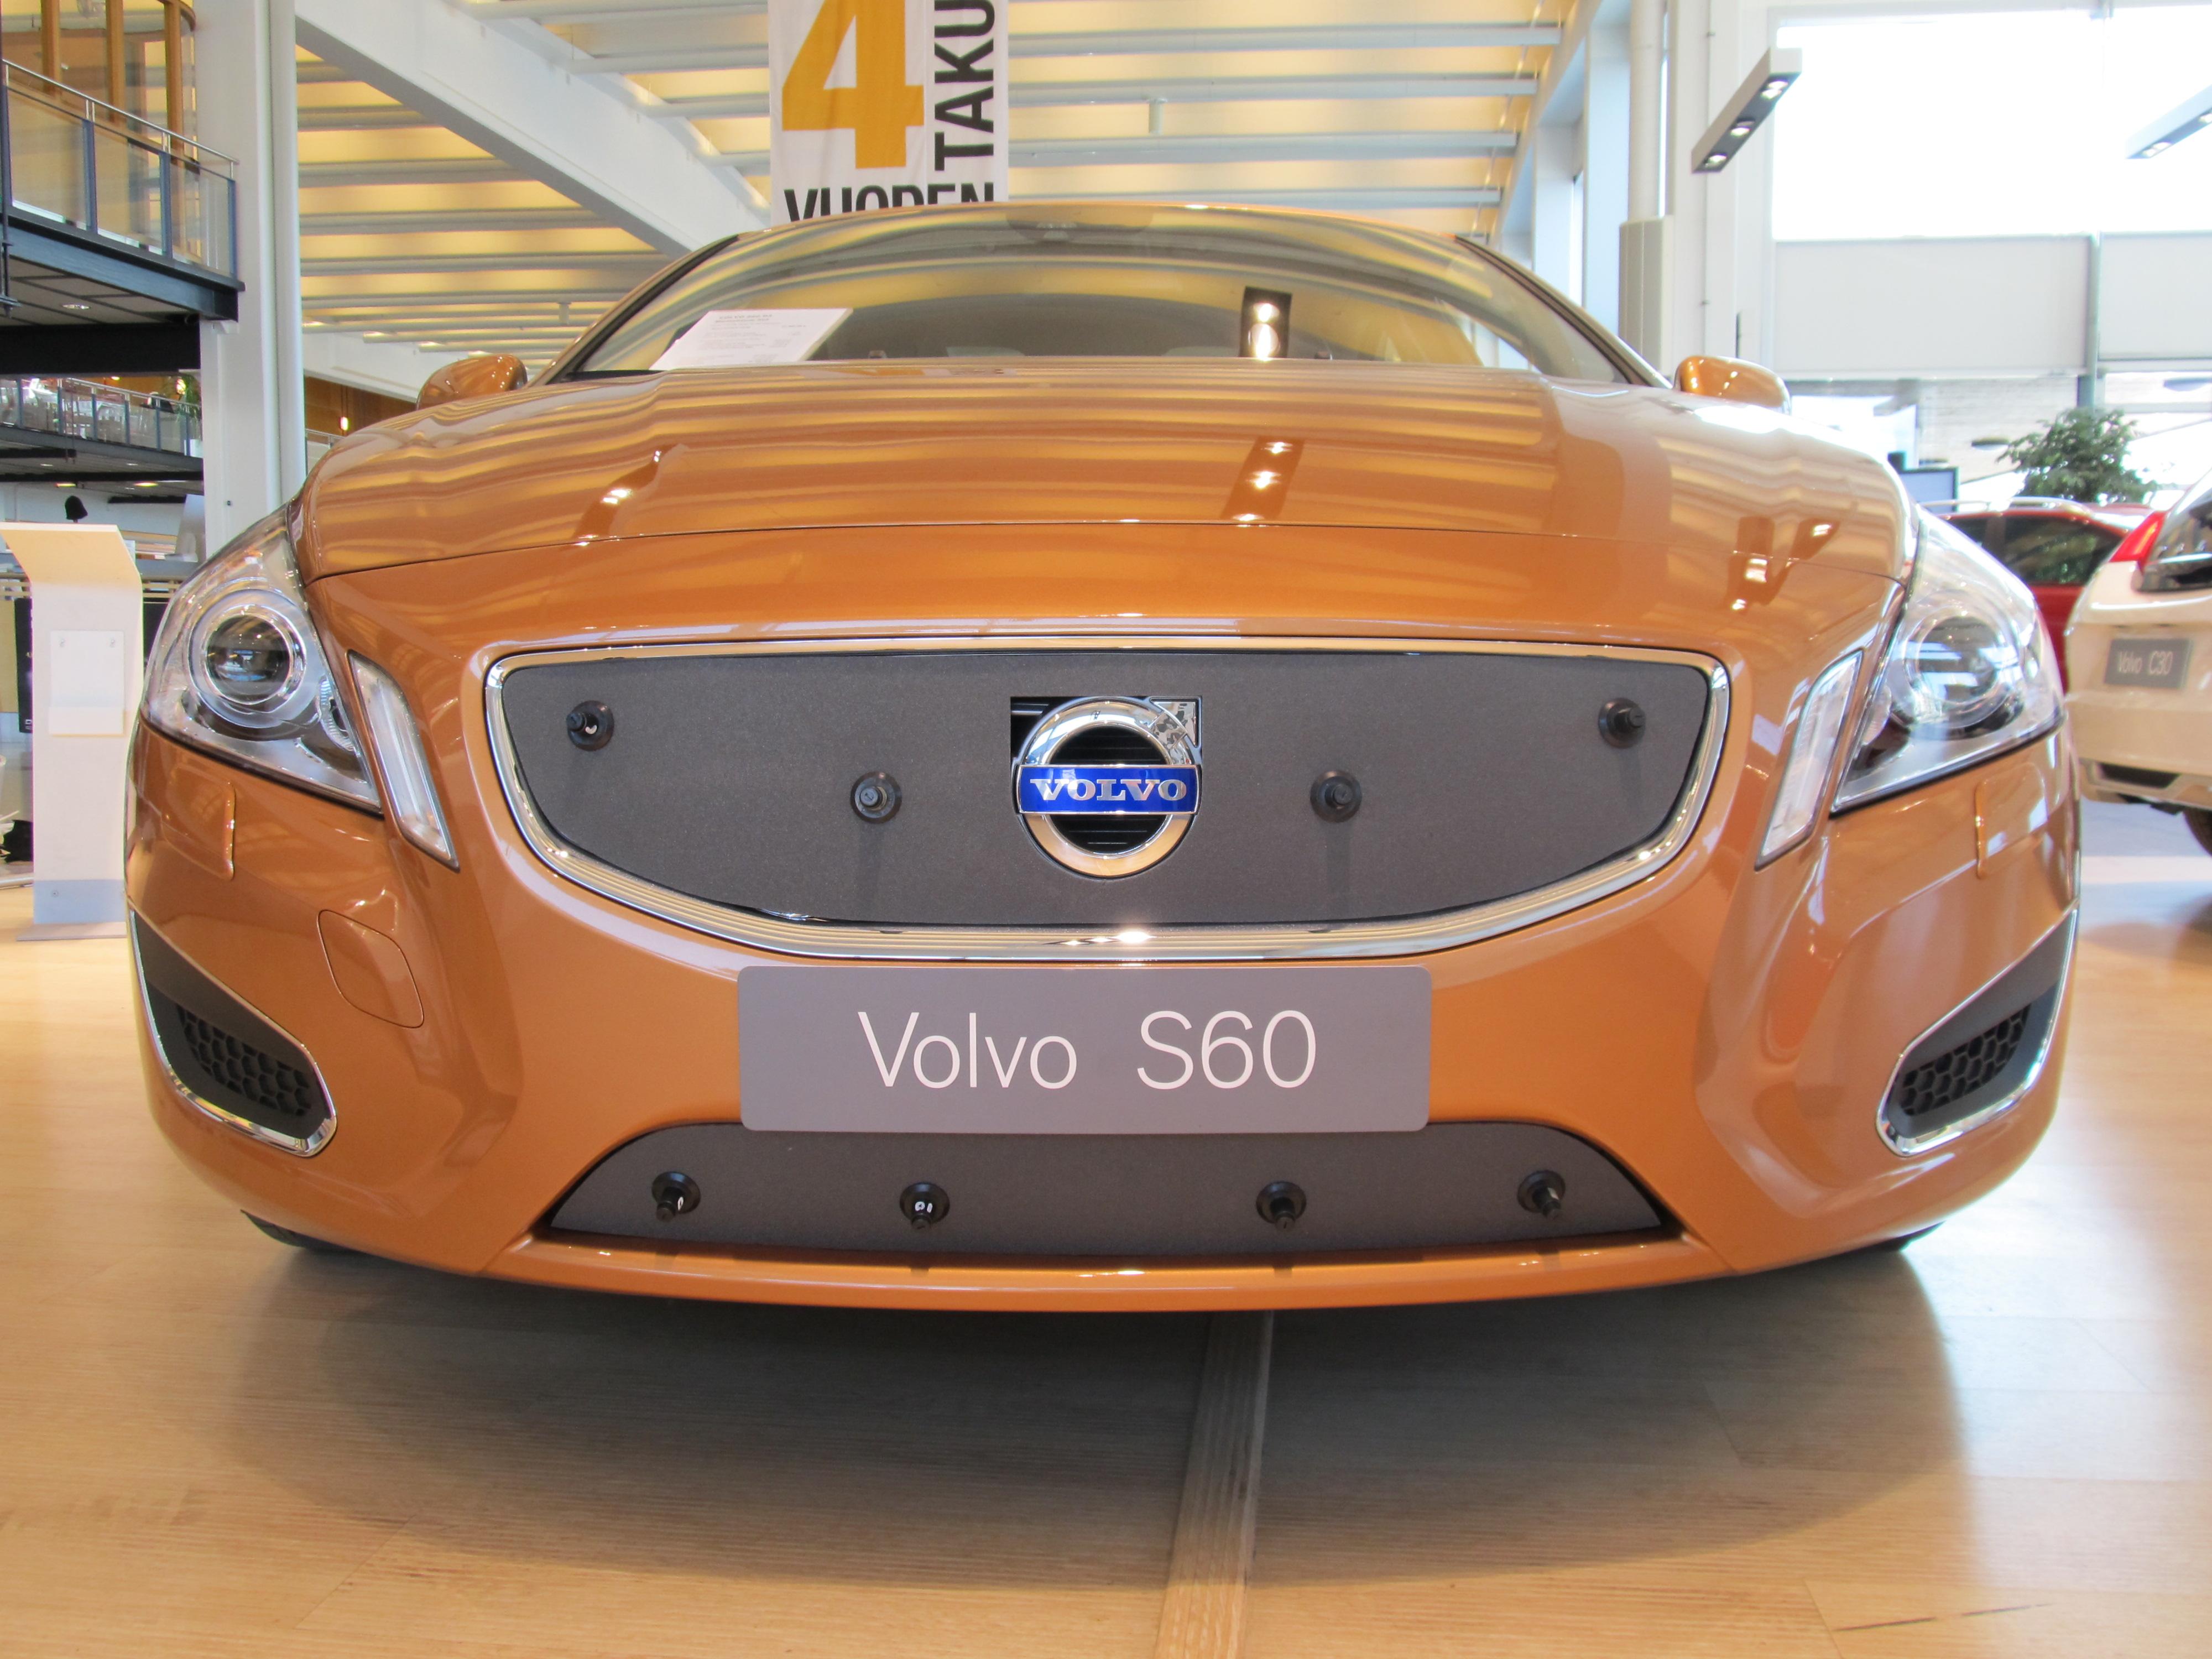 Maskisuoja Volvo S60/V60, osittain umpinainen säleikkö (Kopio)